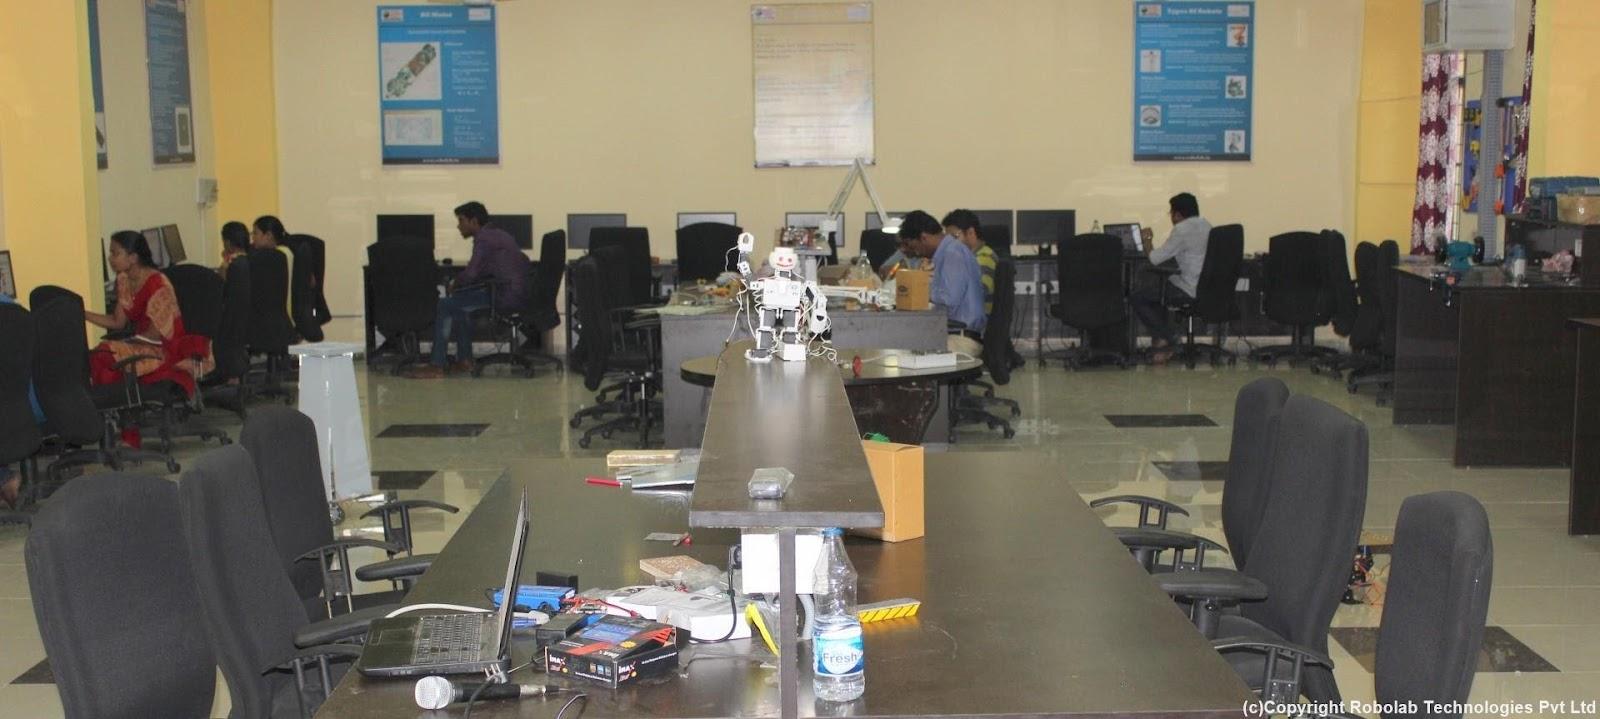 Marri Laxman Reddy Institute of Technology, Hyderabad Robolab (6).jpg